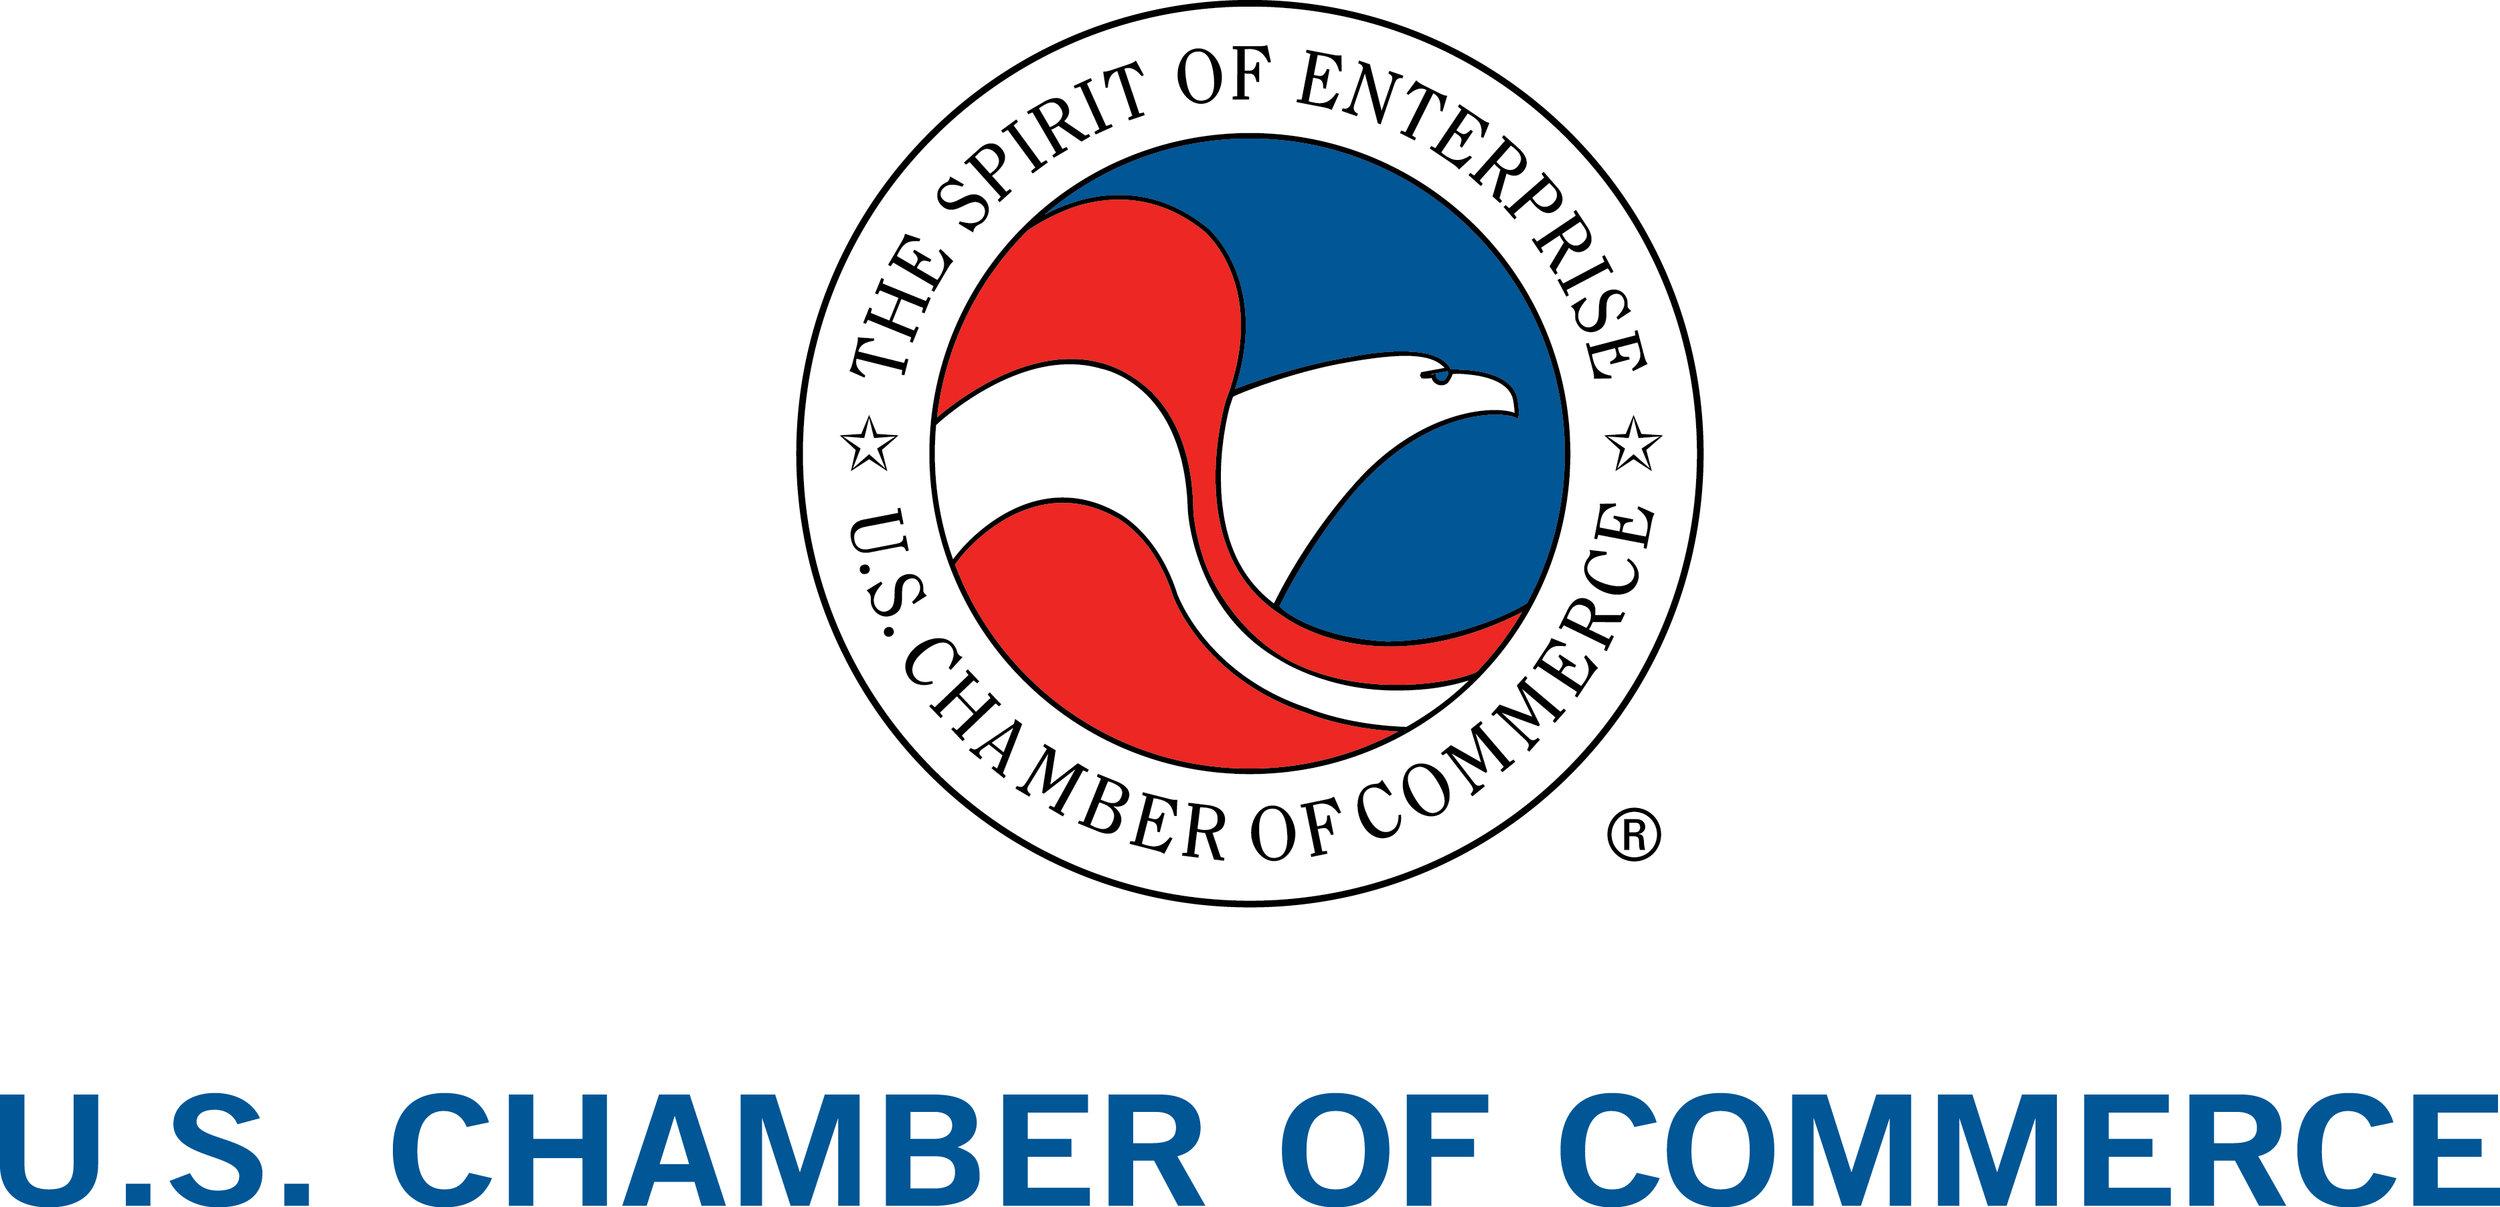 Logo_US Chamber of Commerce.jpg